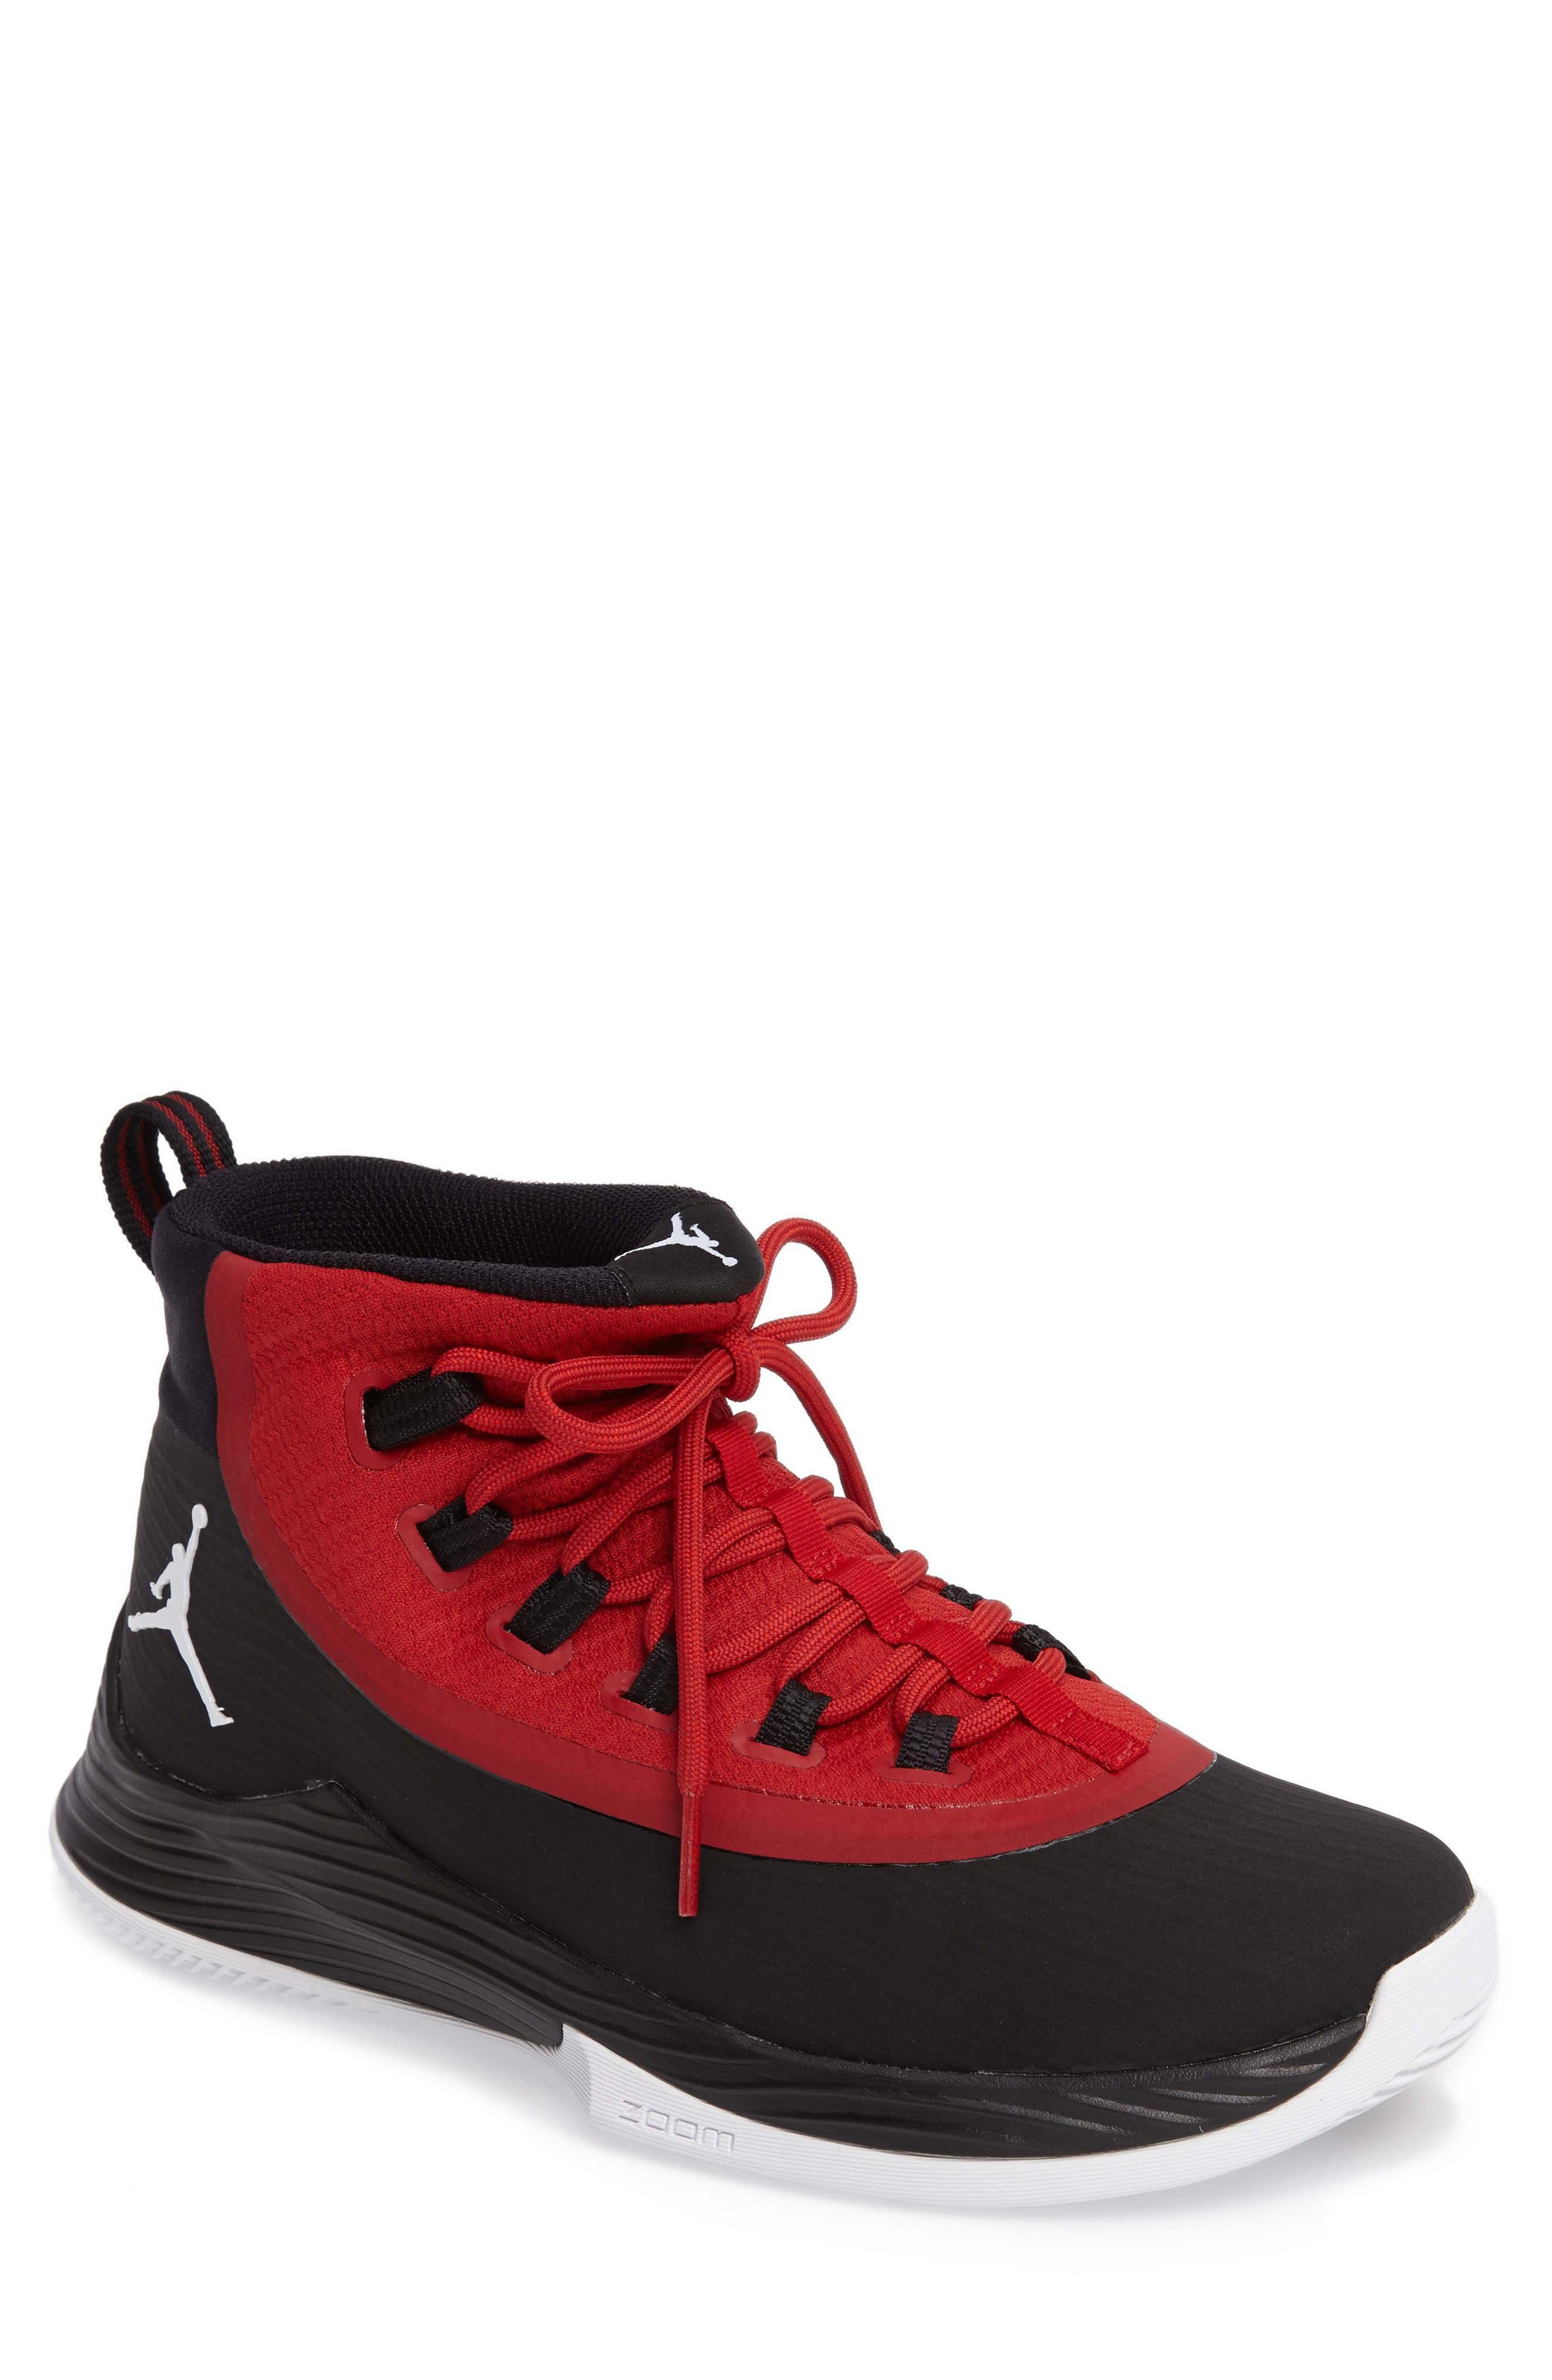 Jordan Ultra Fly 2 Basketball Shoe,                             Main thumbnail 4, color,